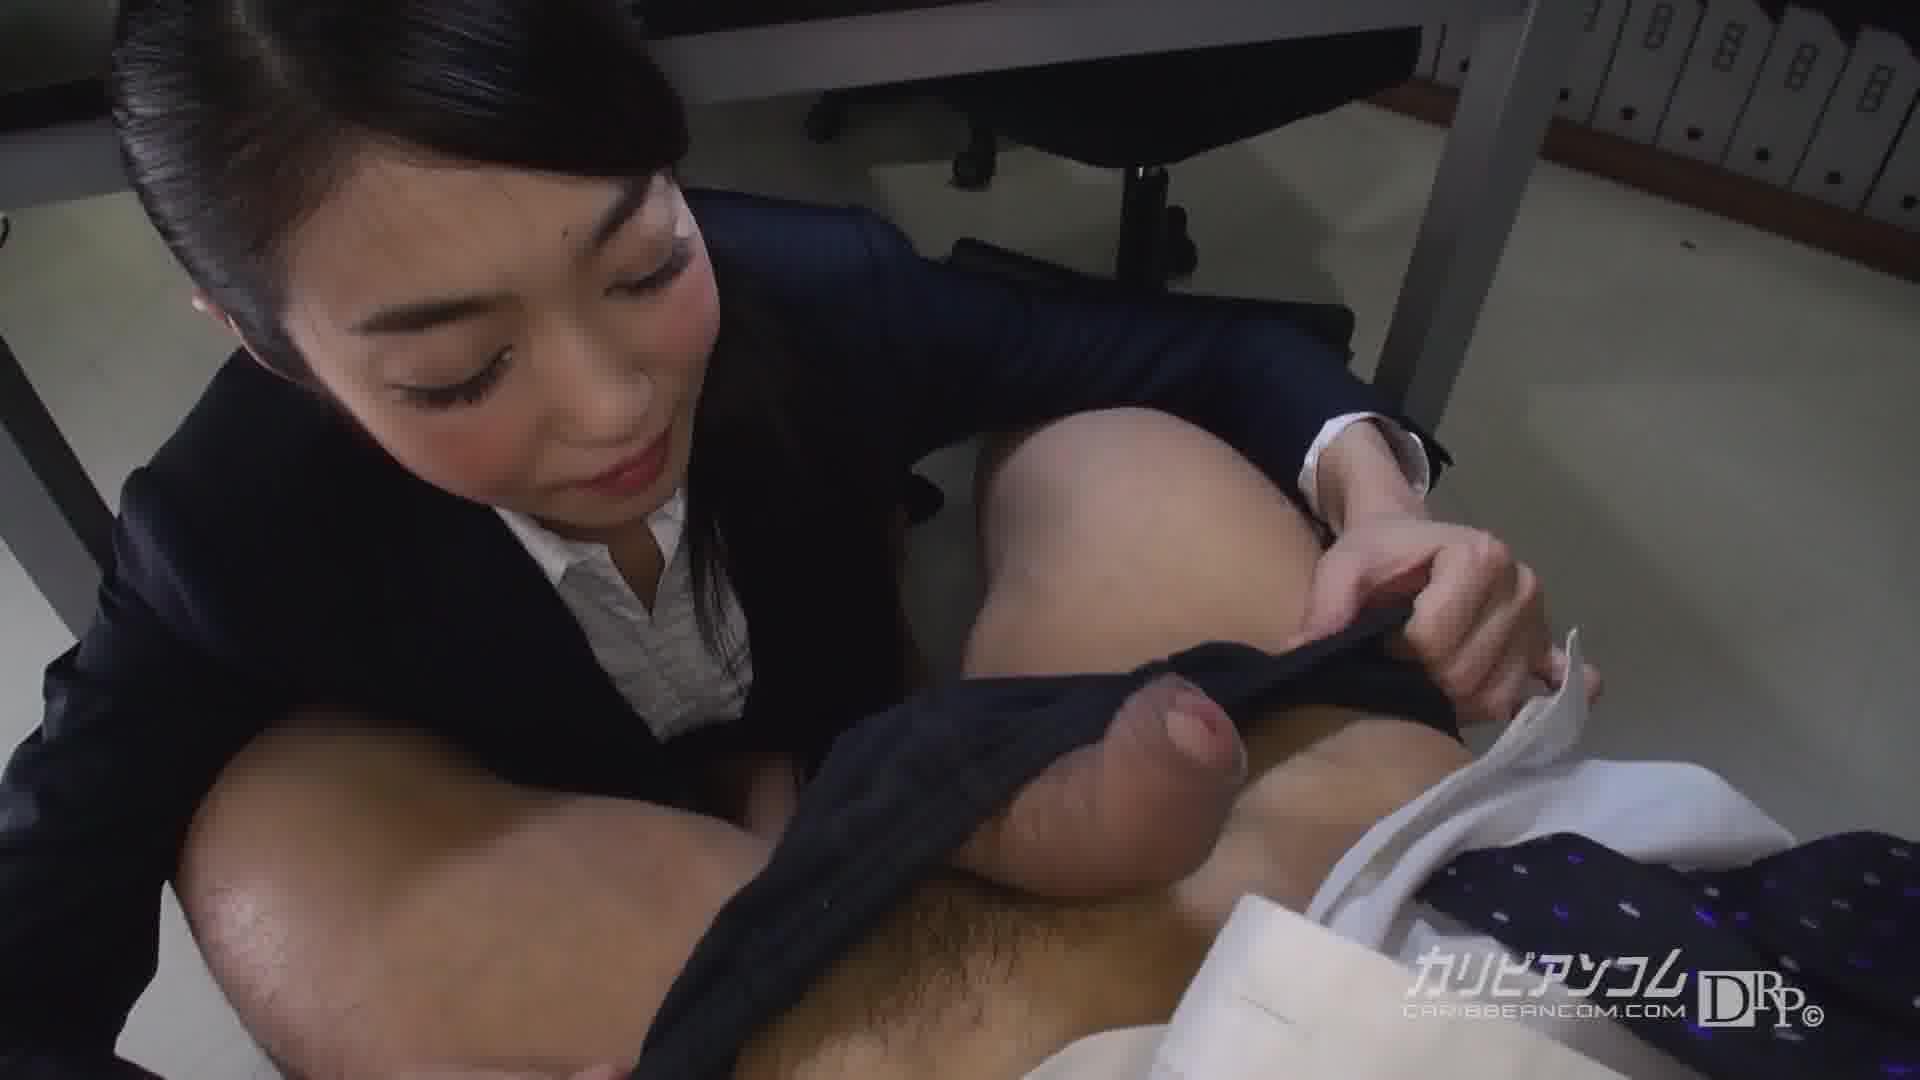 THE 未公開 ~机の下のおしゃぶり中毒女~ - 石原あみ【口内発射・フェラ・制服】